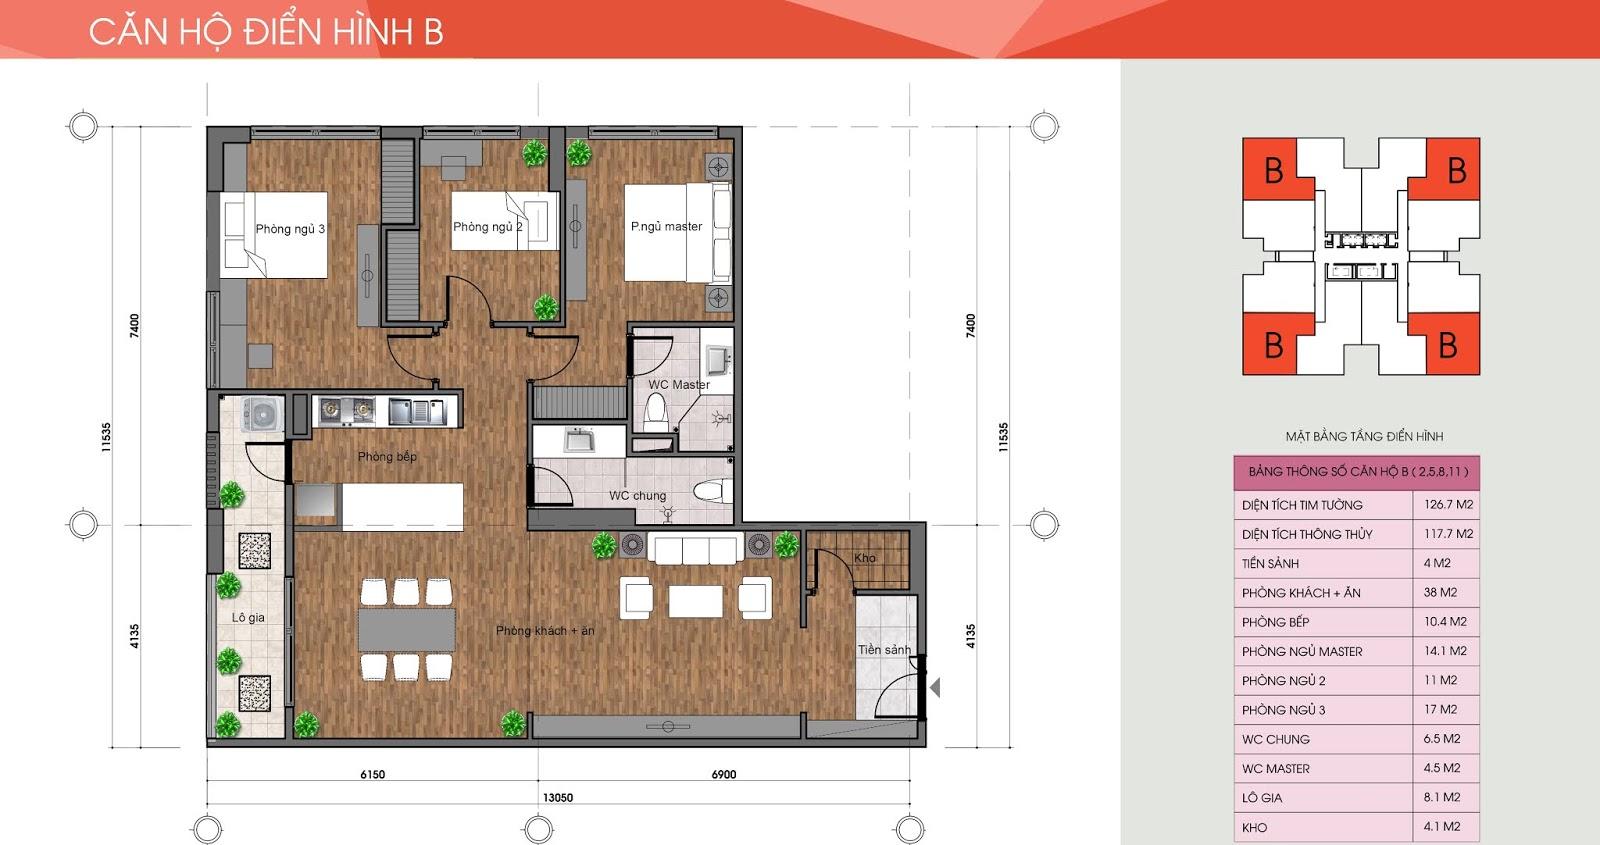 Thiết kế căn hộ The Legacy